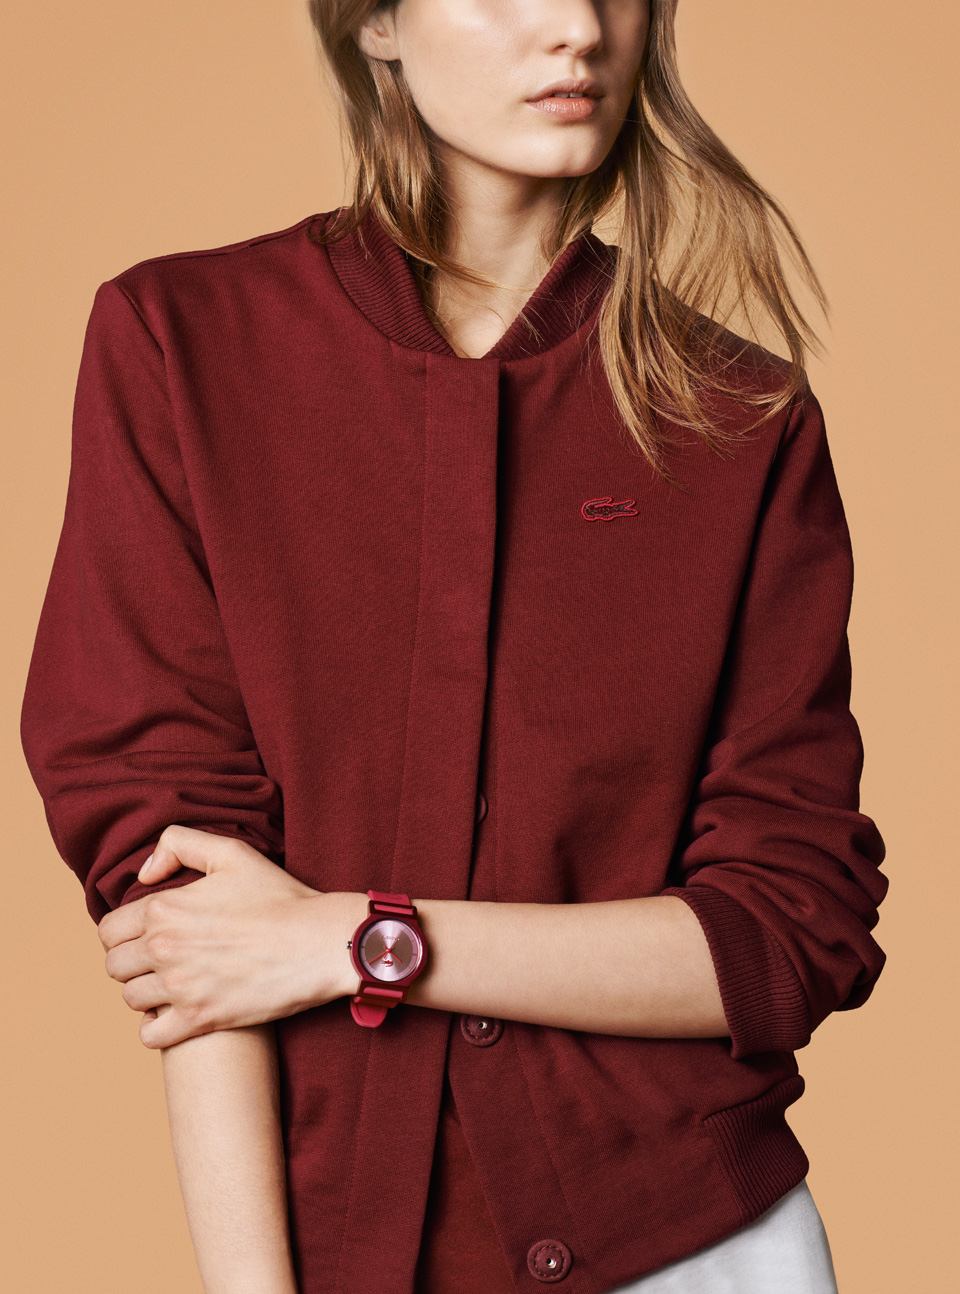 lacoste-ss15-womenswear-11_coleccion